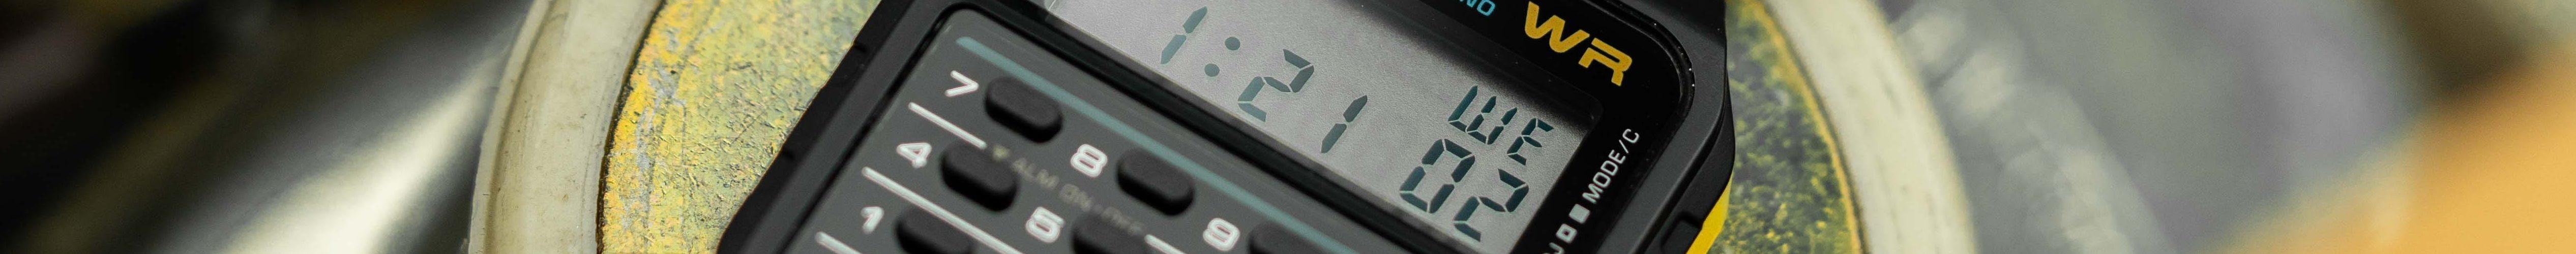 Casio Taschenrechner Uhr Retro 80er Test - Kopie